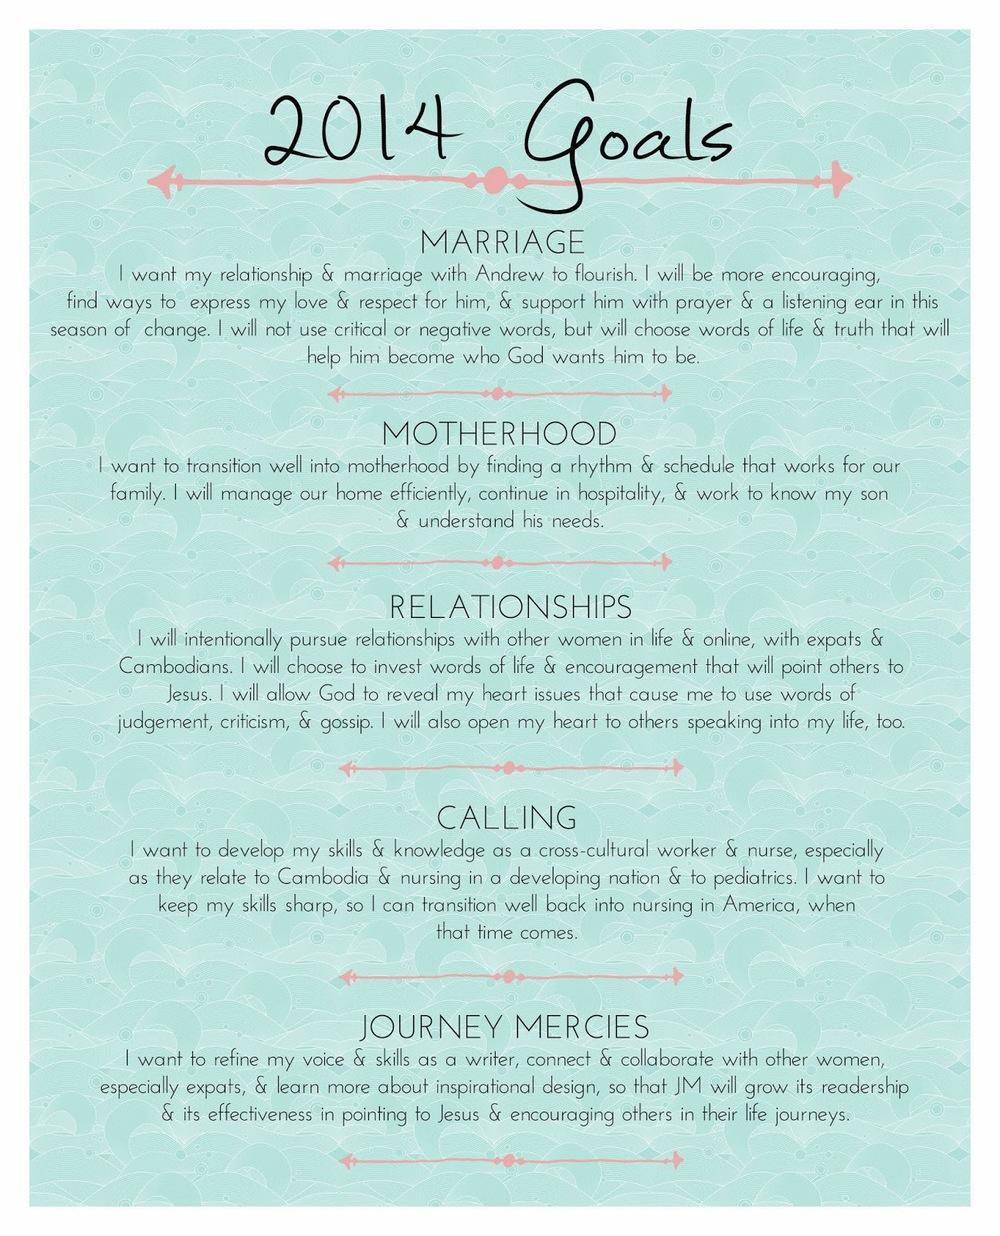 2014+goals.jpg